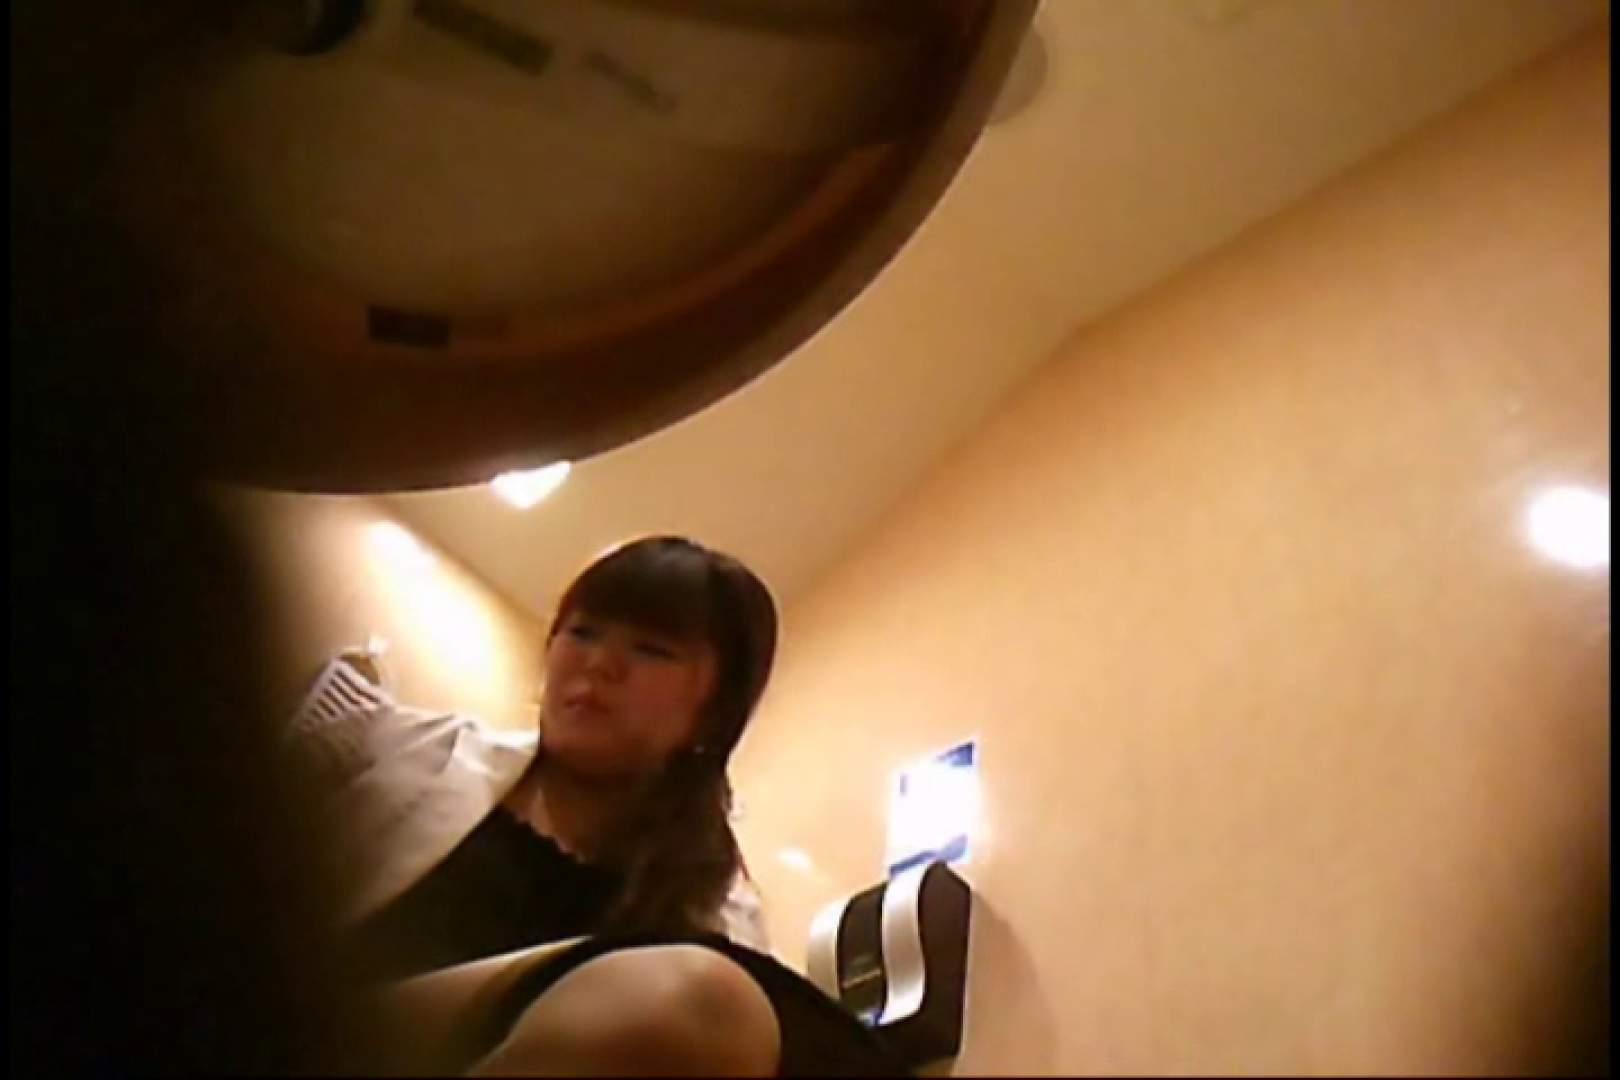 潜入!!女子化粧室盗撮~絶対見られたくない時間~vo,27 お尻 盗撮動画紹介 65画像 29